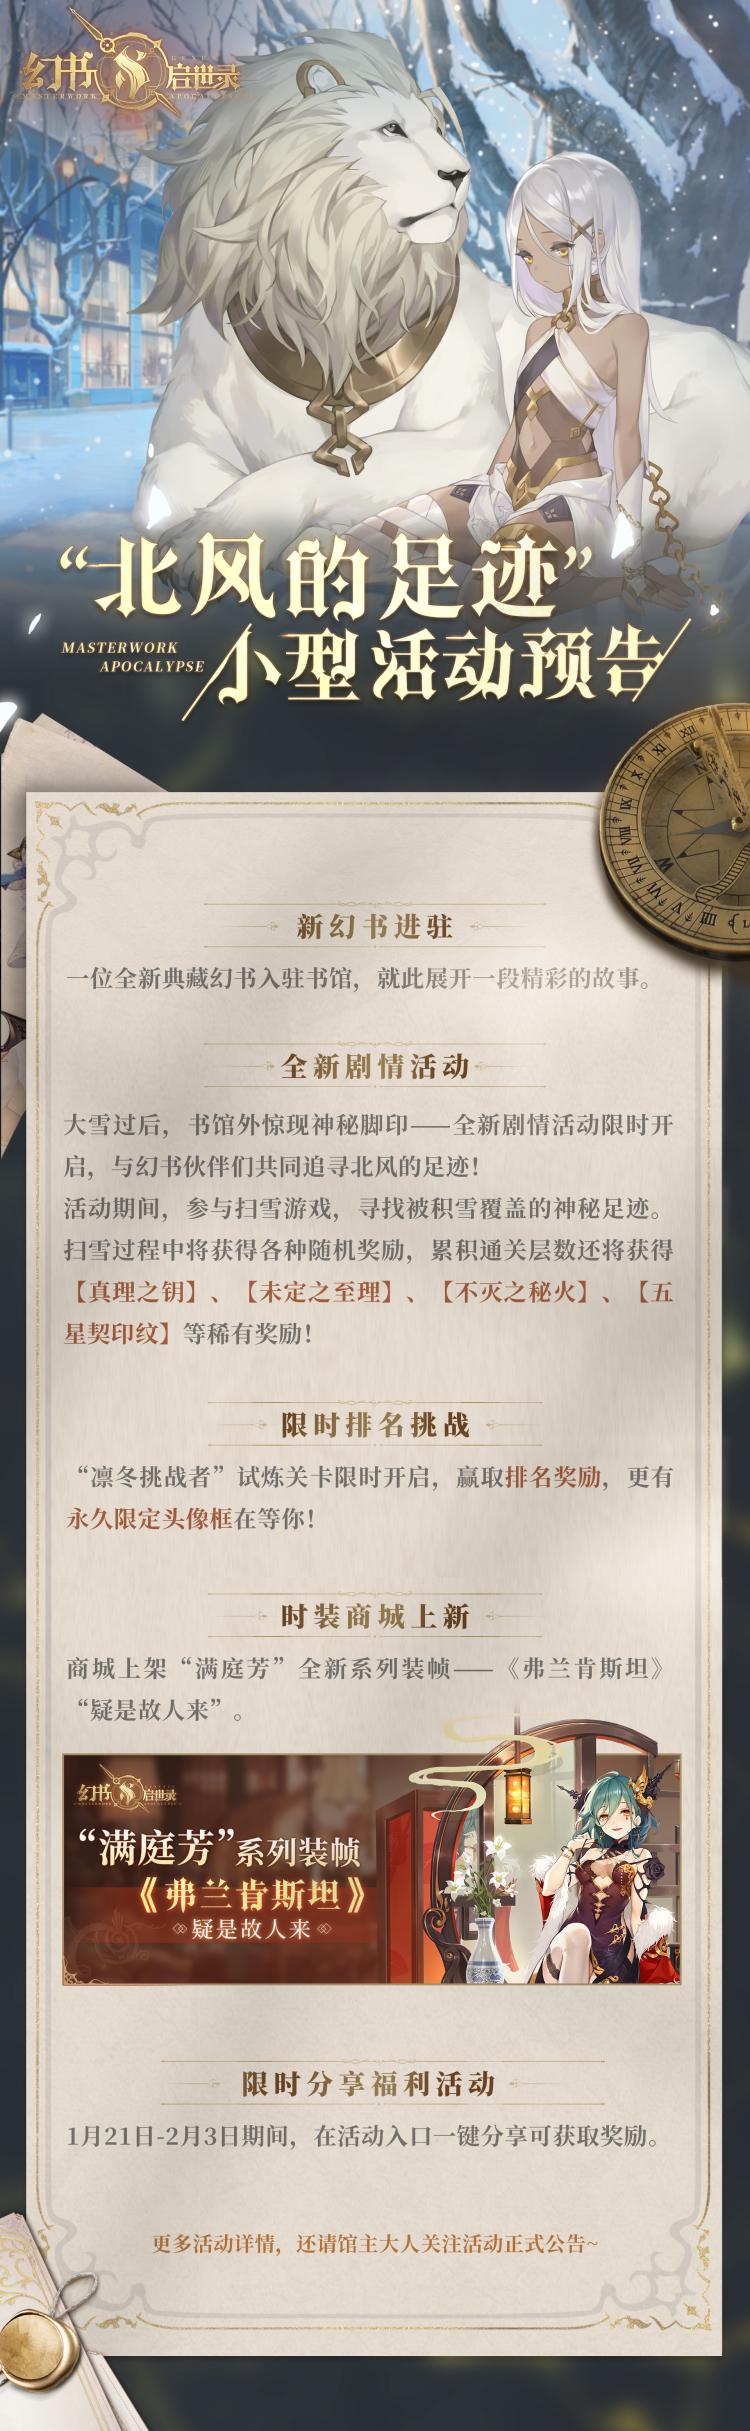 """追寻""""北风的足迹"""",《幻书启世录》全新典藏幻书即将入驻..."""